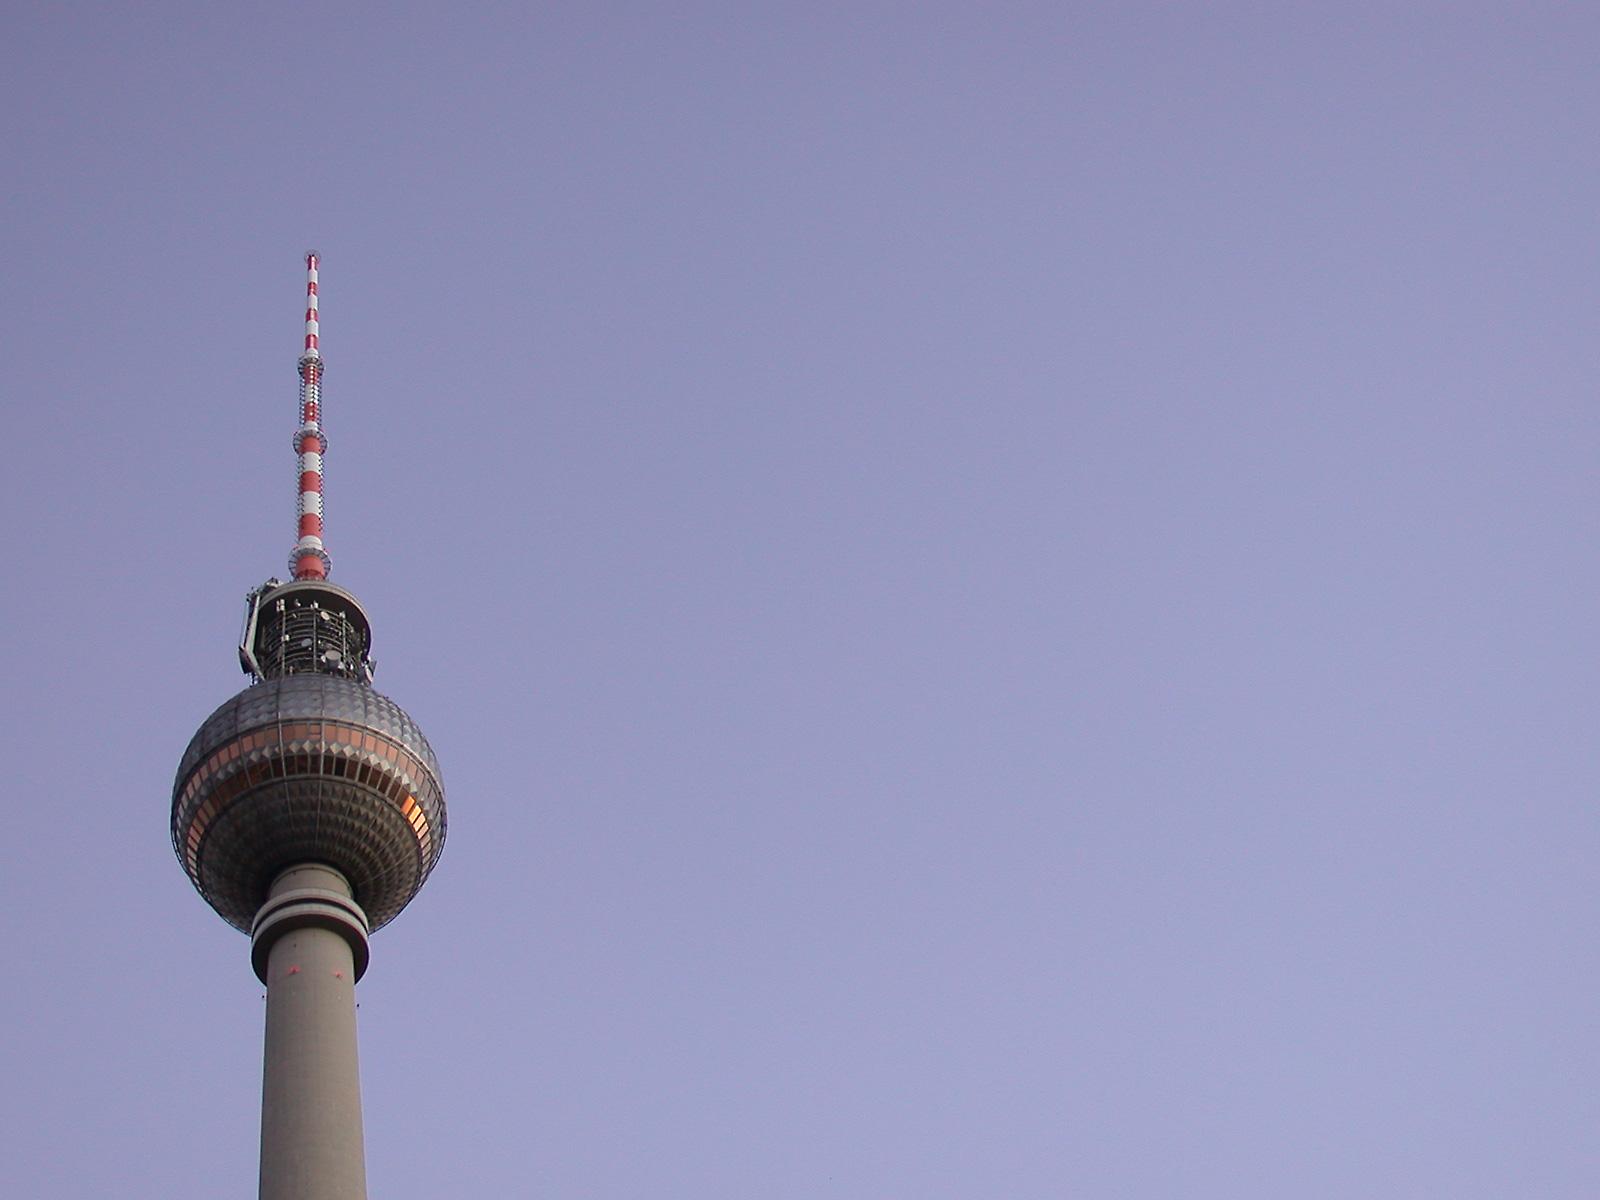 Berlin Fernsehturm Wallpaper